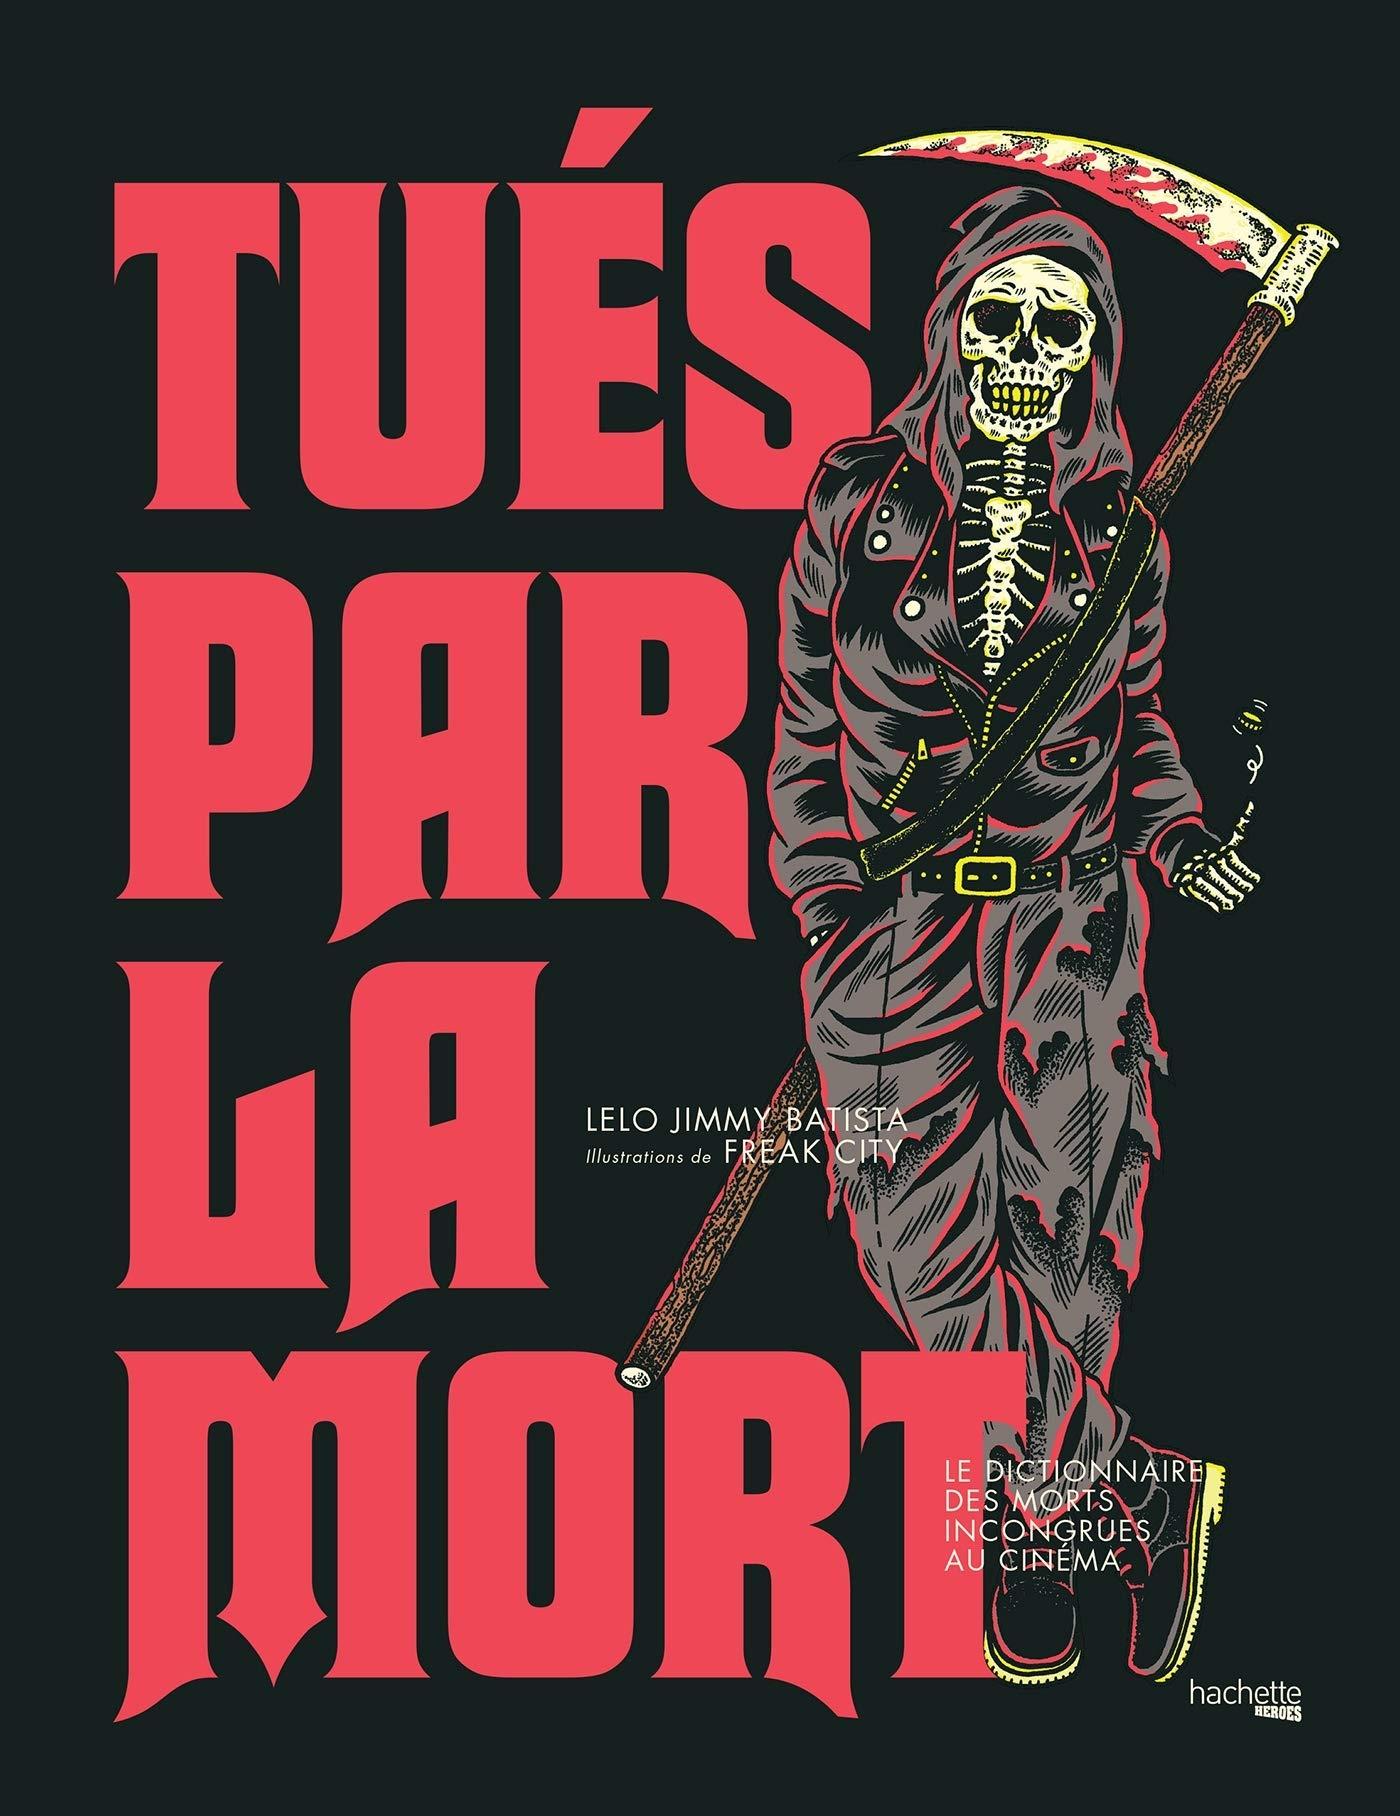 Tués par la mort: Amazon.fr: Batista, Lelo Jimmy: Livres